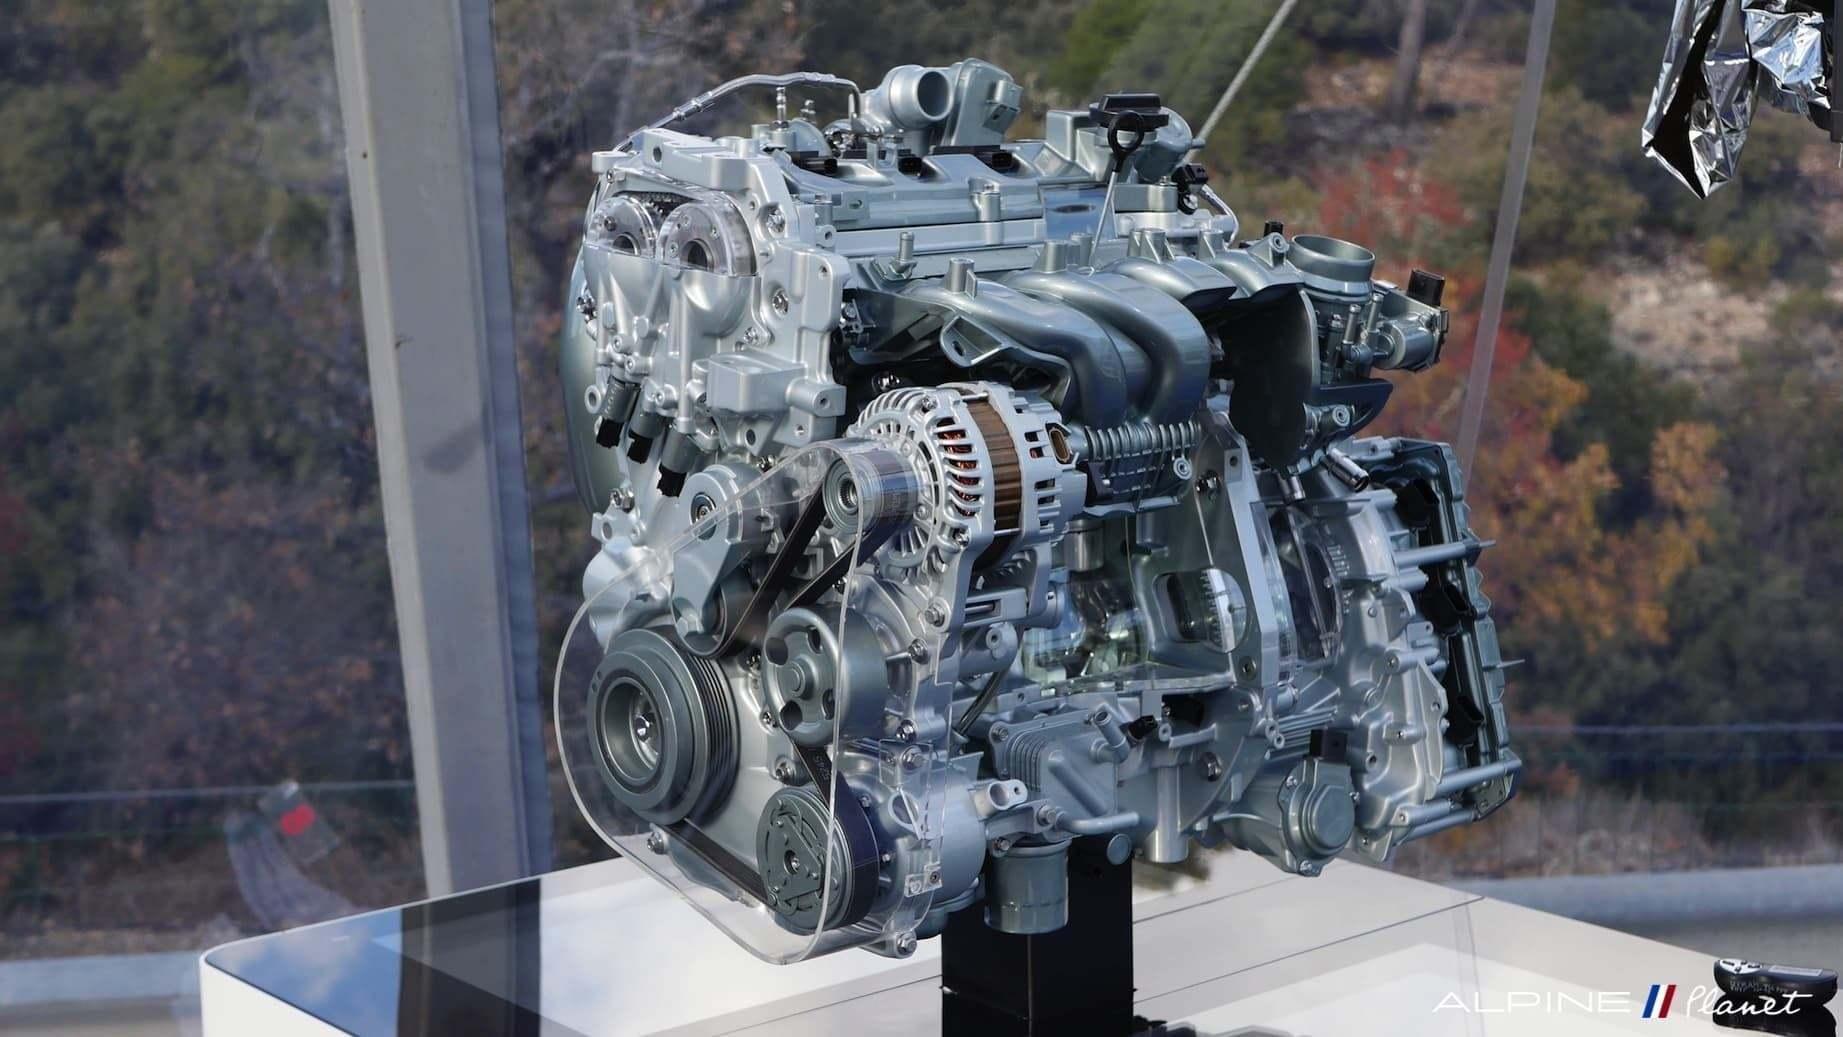 Alpine A110 Essai presse premiere edition moteur M5PT 1 imp | Alpine A110 Sport / AS110: la version performance pour 2019 !